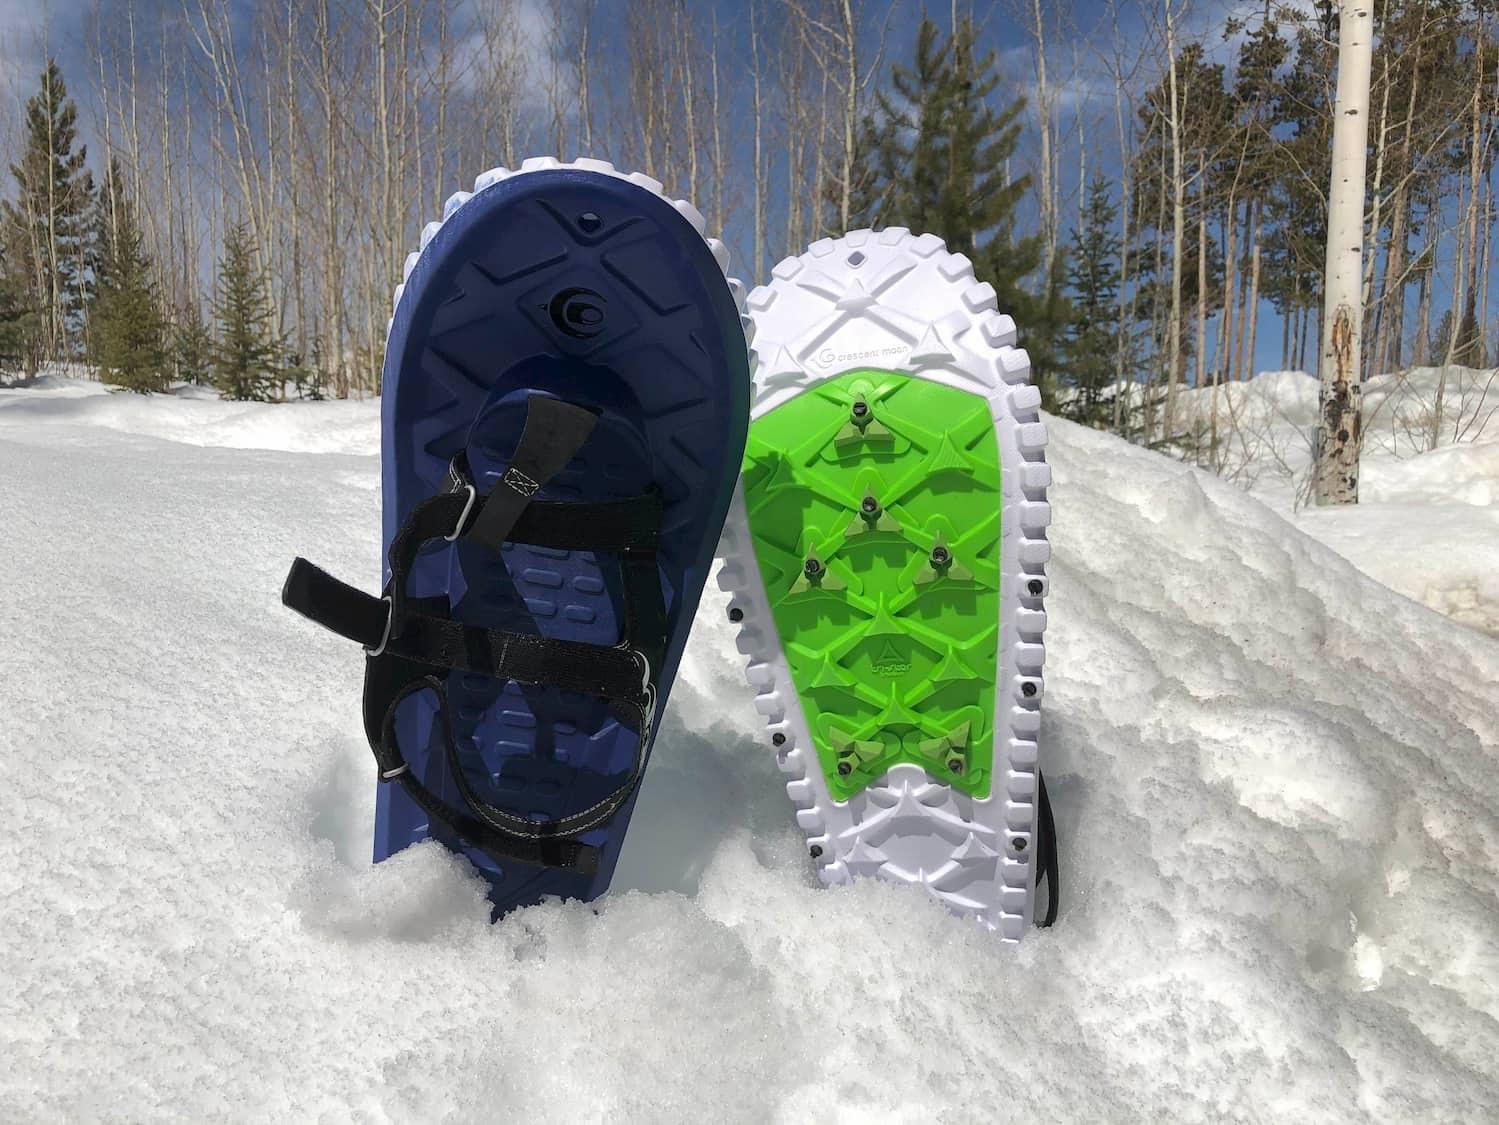 datum vydání dvojitý kupón klasický The Best Snowshoes of 2020 — Treeline Review